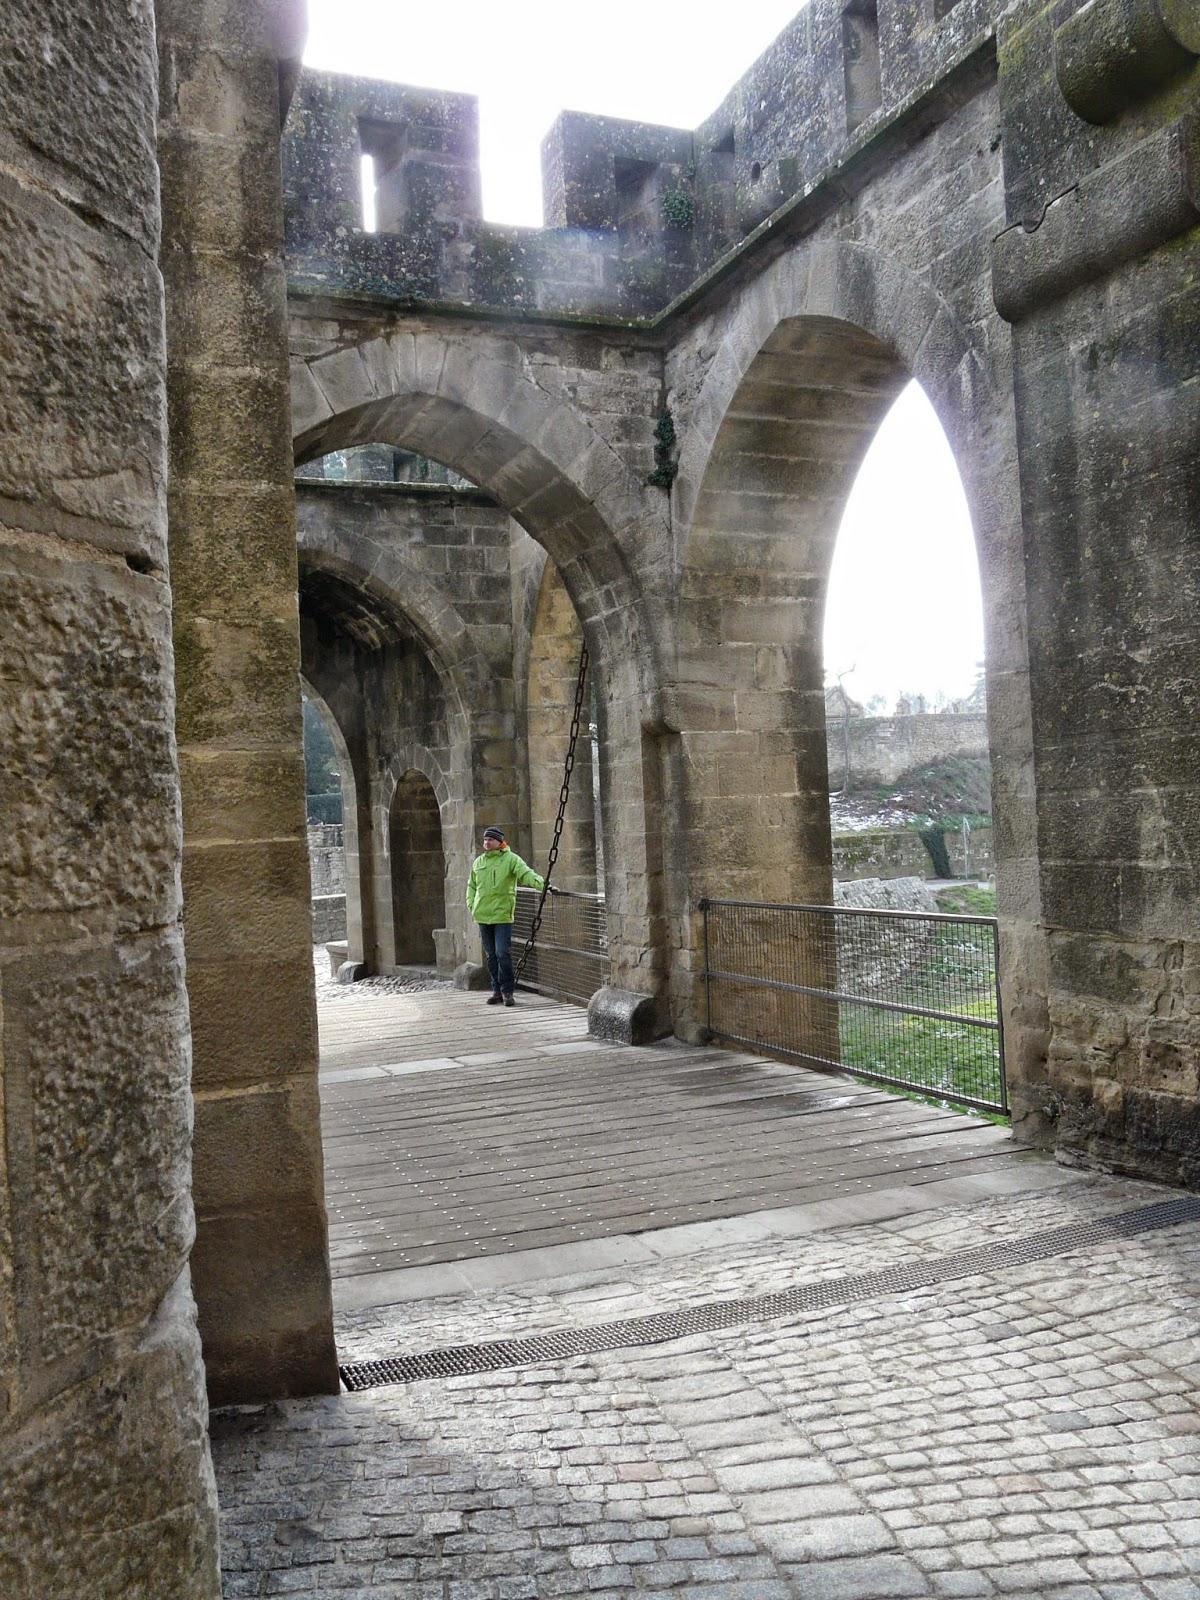 Los ciutadins pont levis et porte narbonnaise for Porte narbonnaise